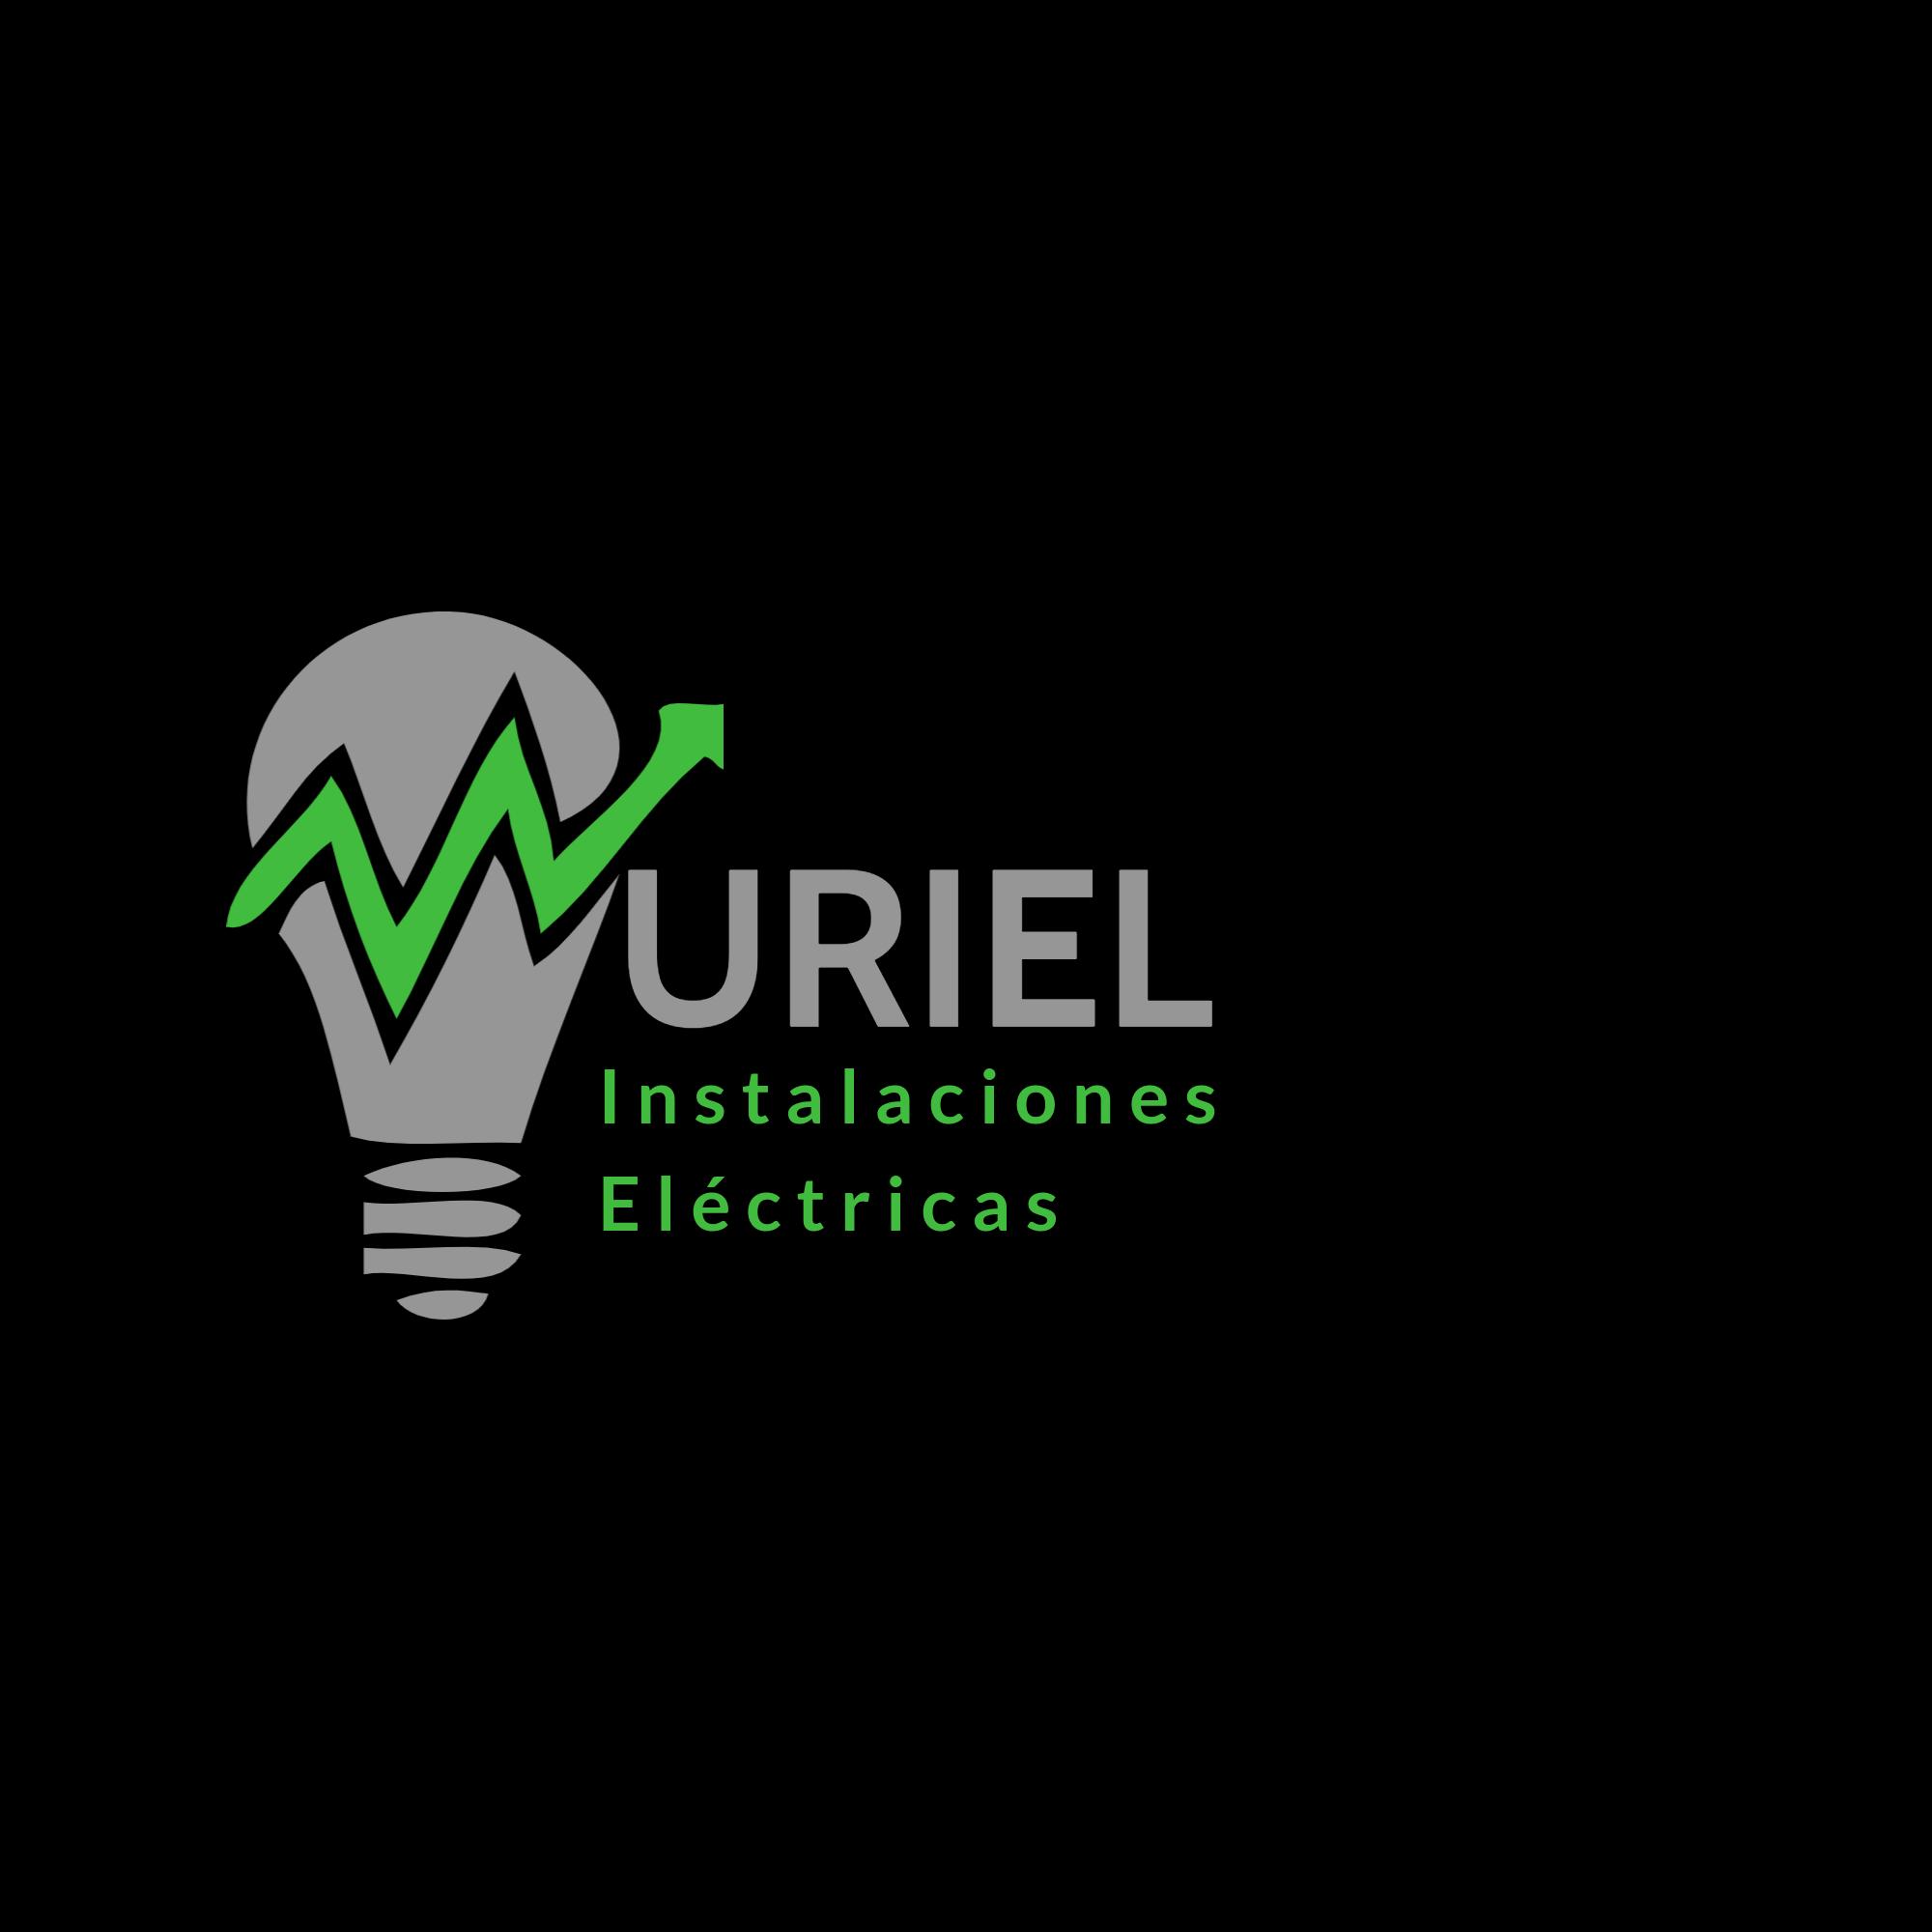 Muriel Instalaciones Eléctricas